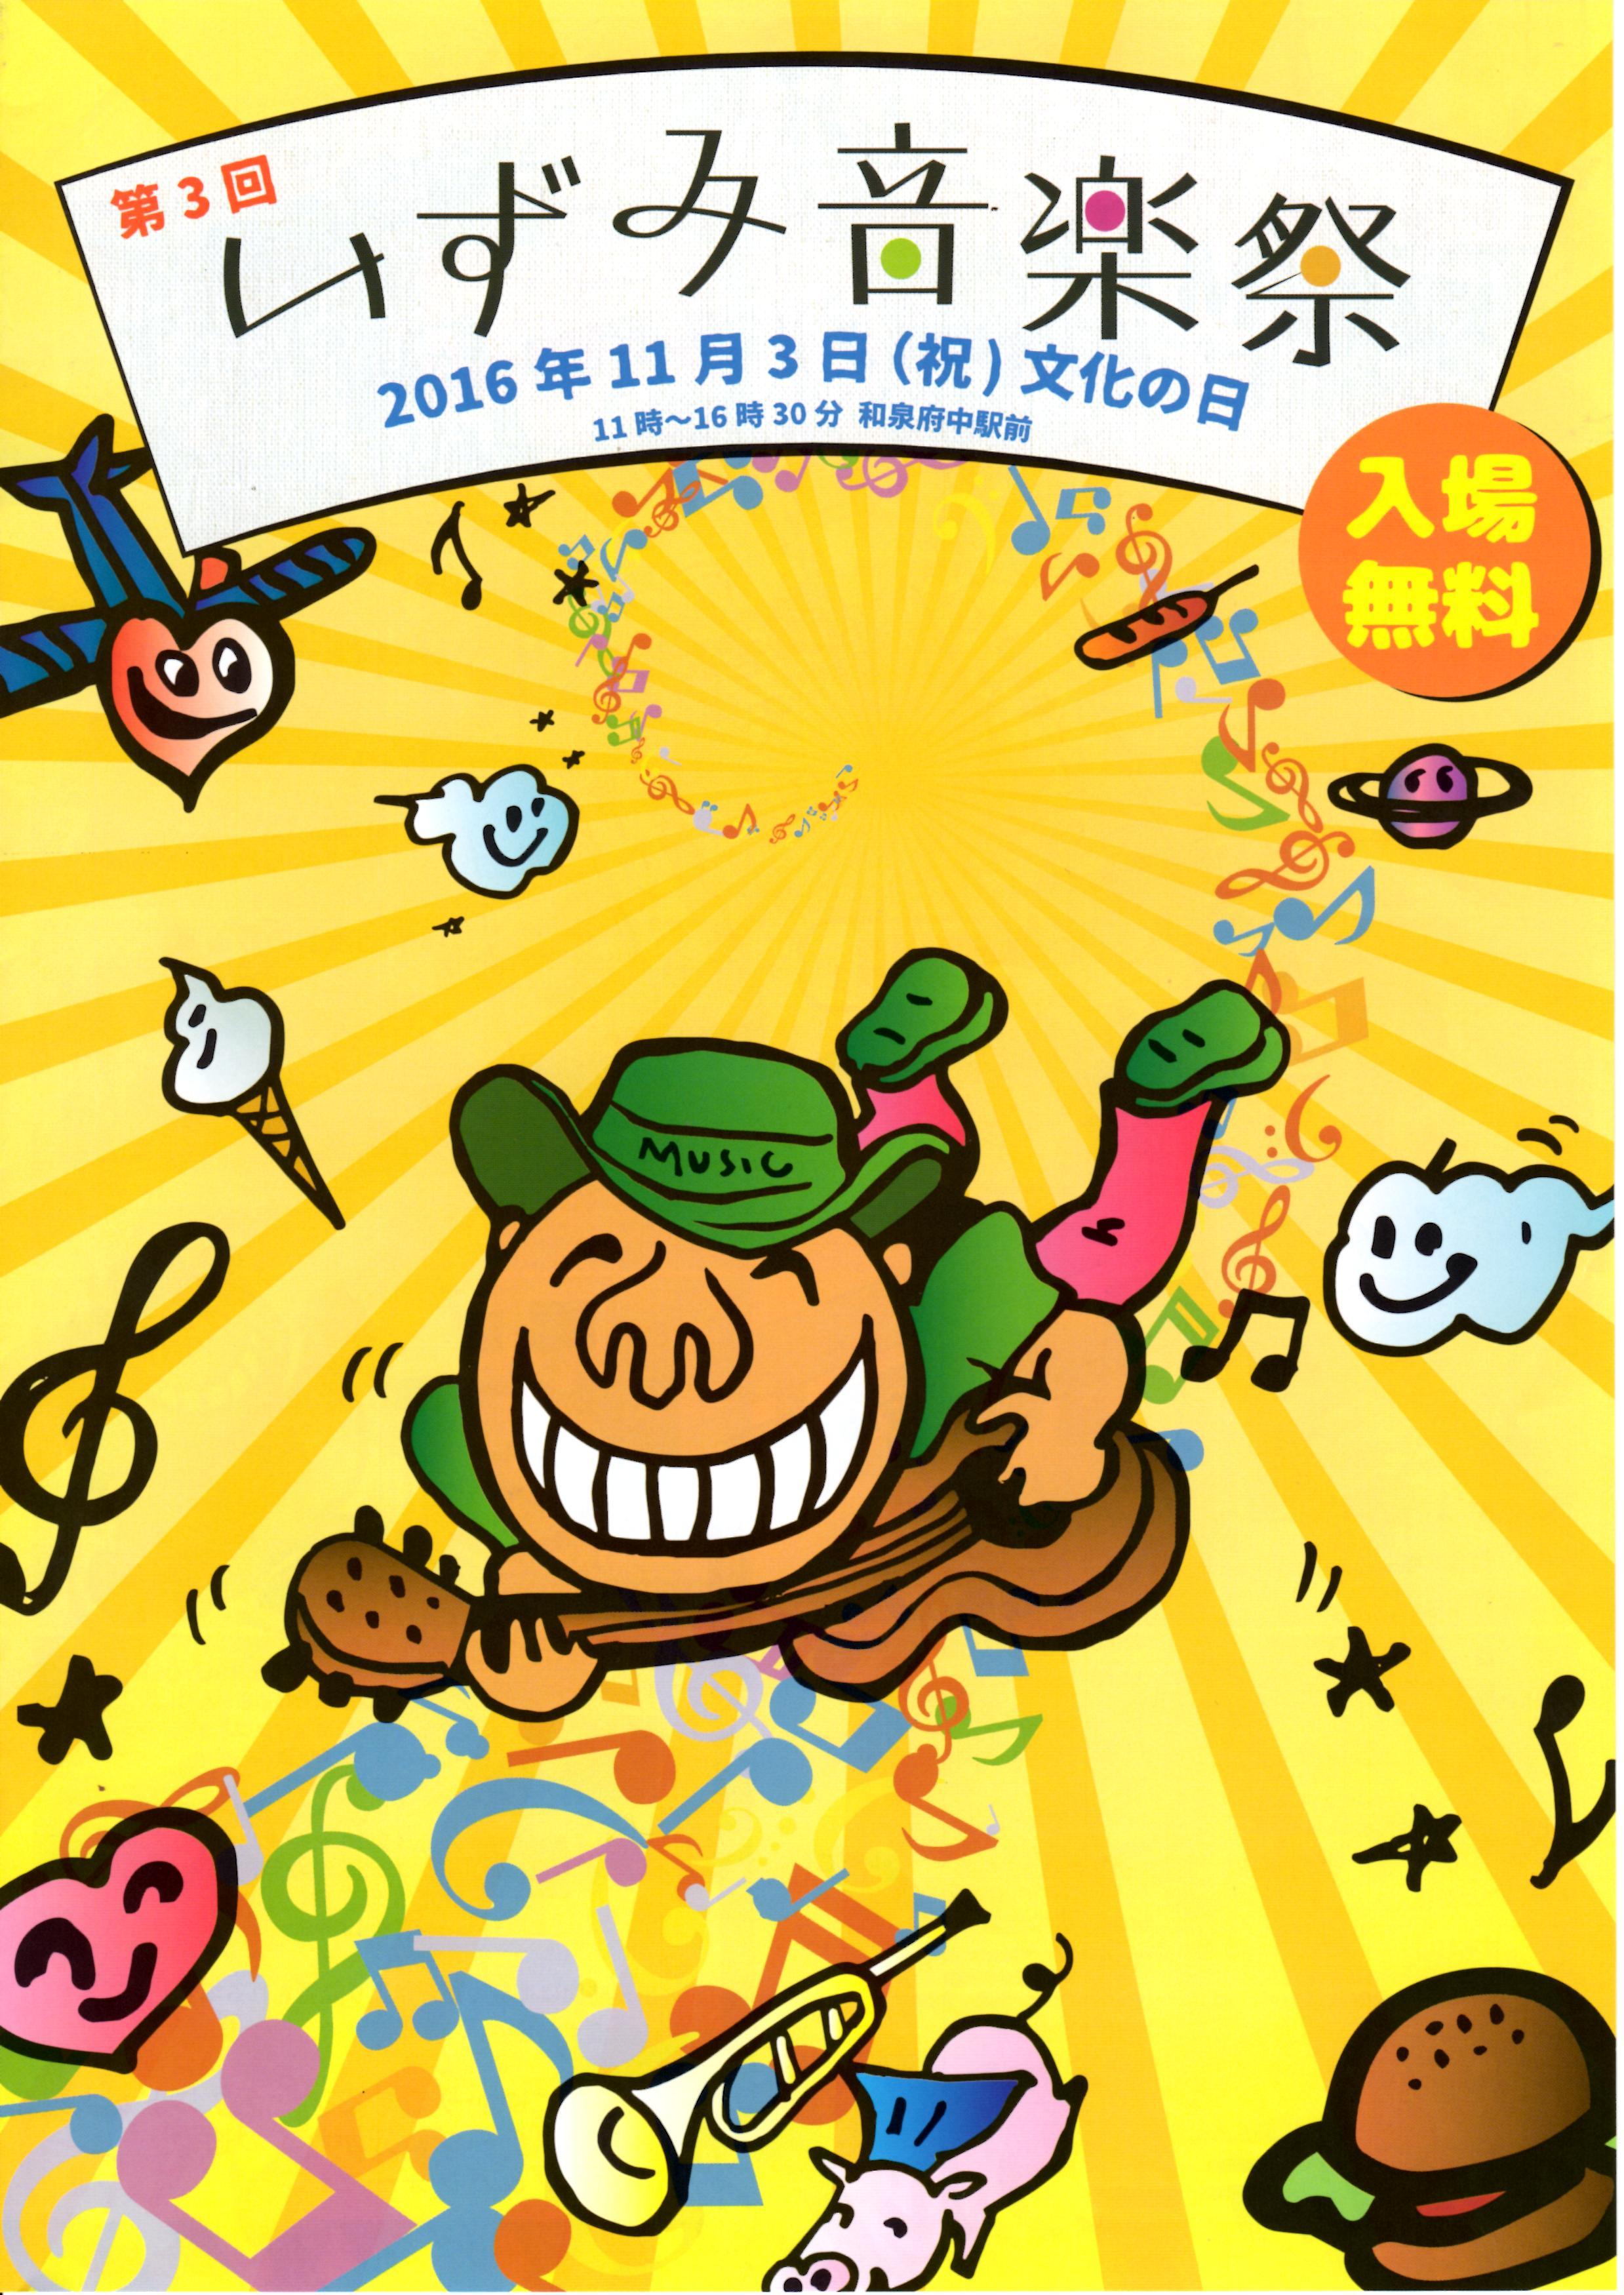 【開催間近!! いずみ音楽祭2016♪】